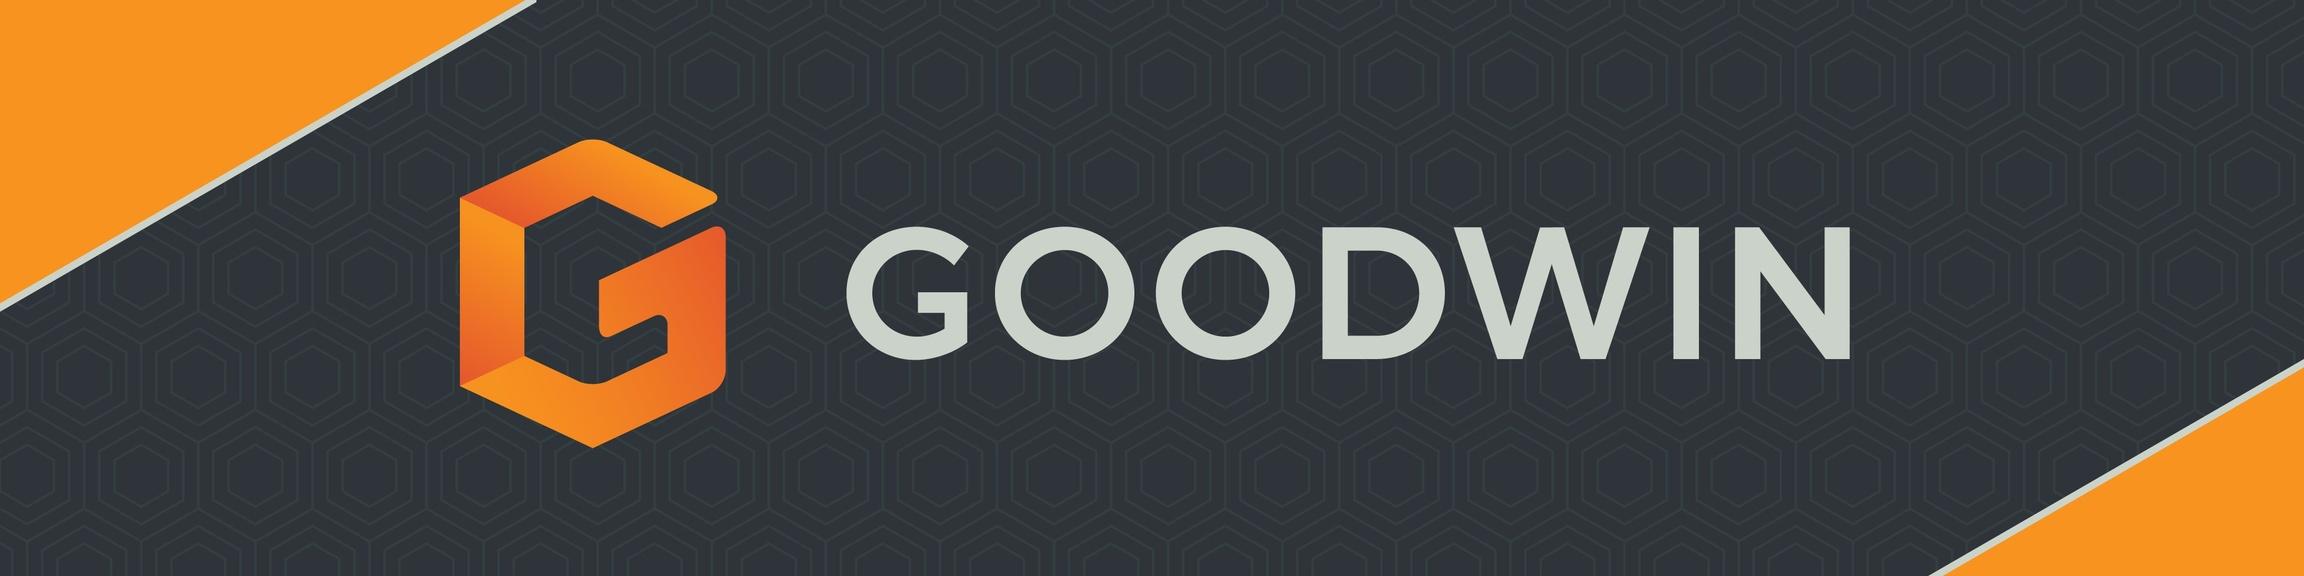 Goodwin Marketing Materials